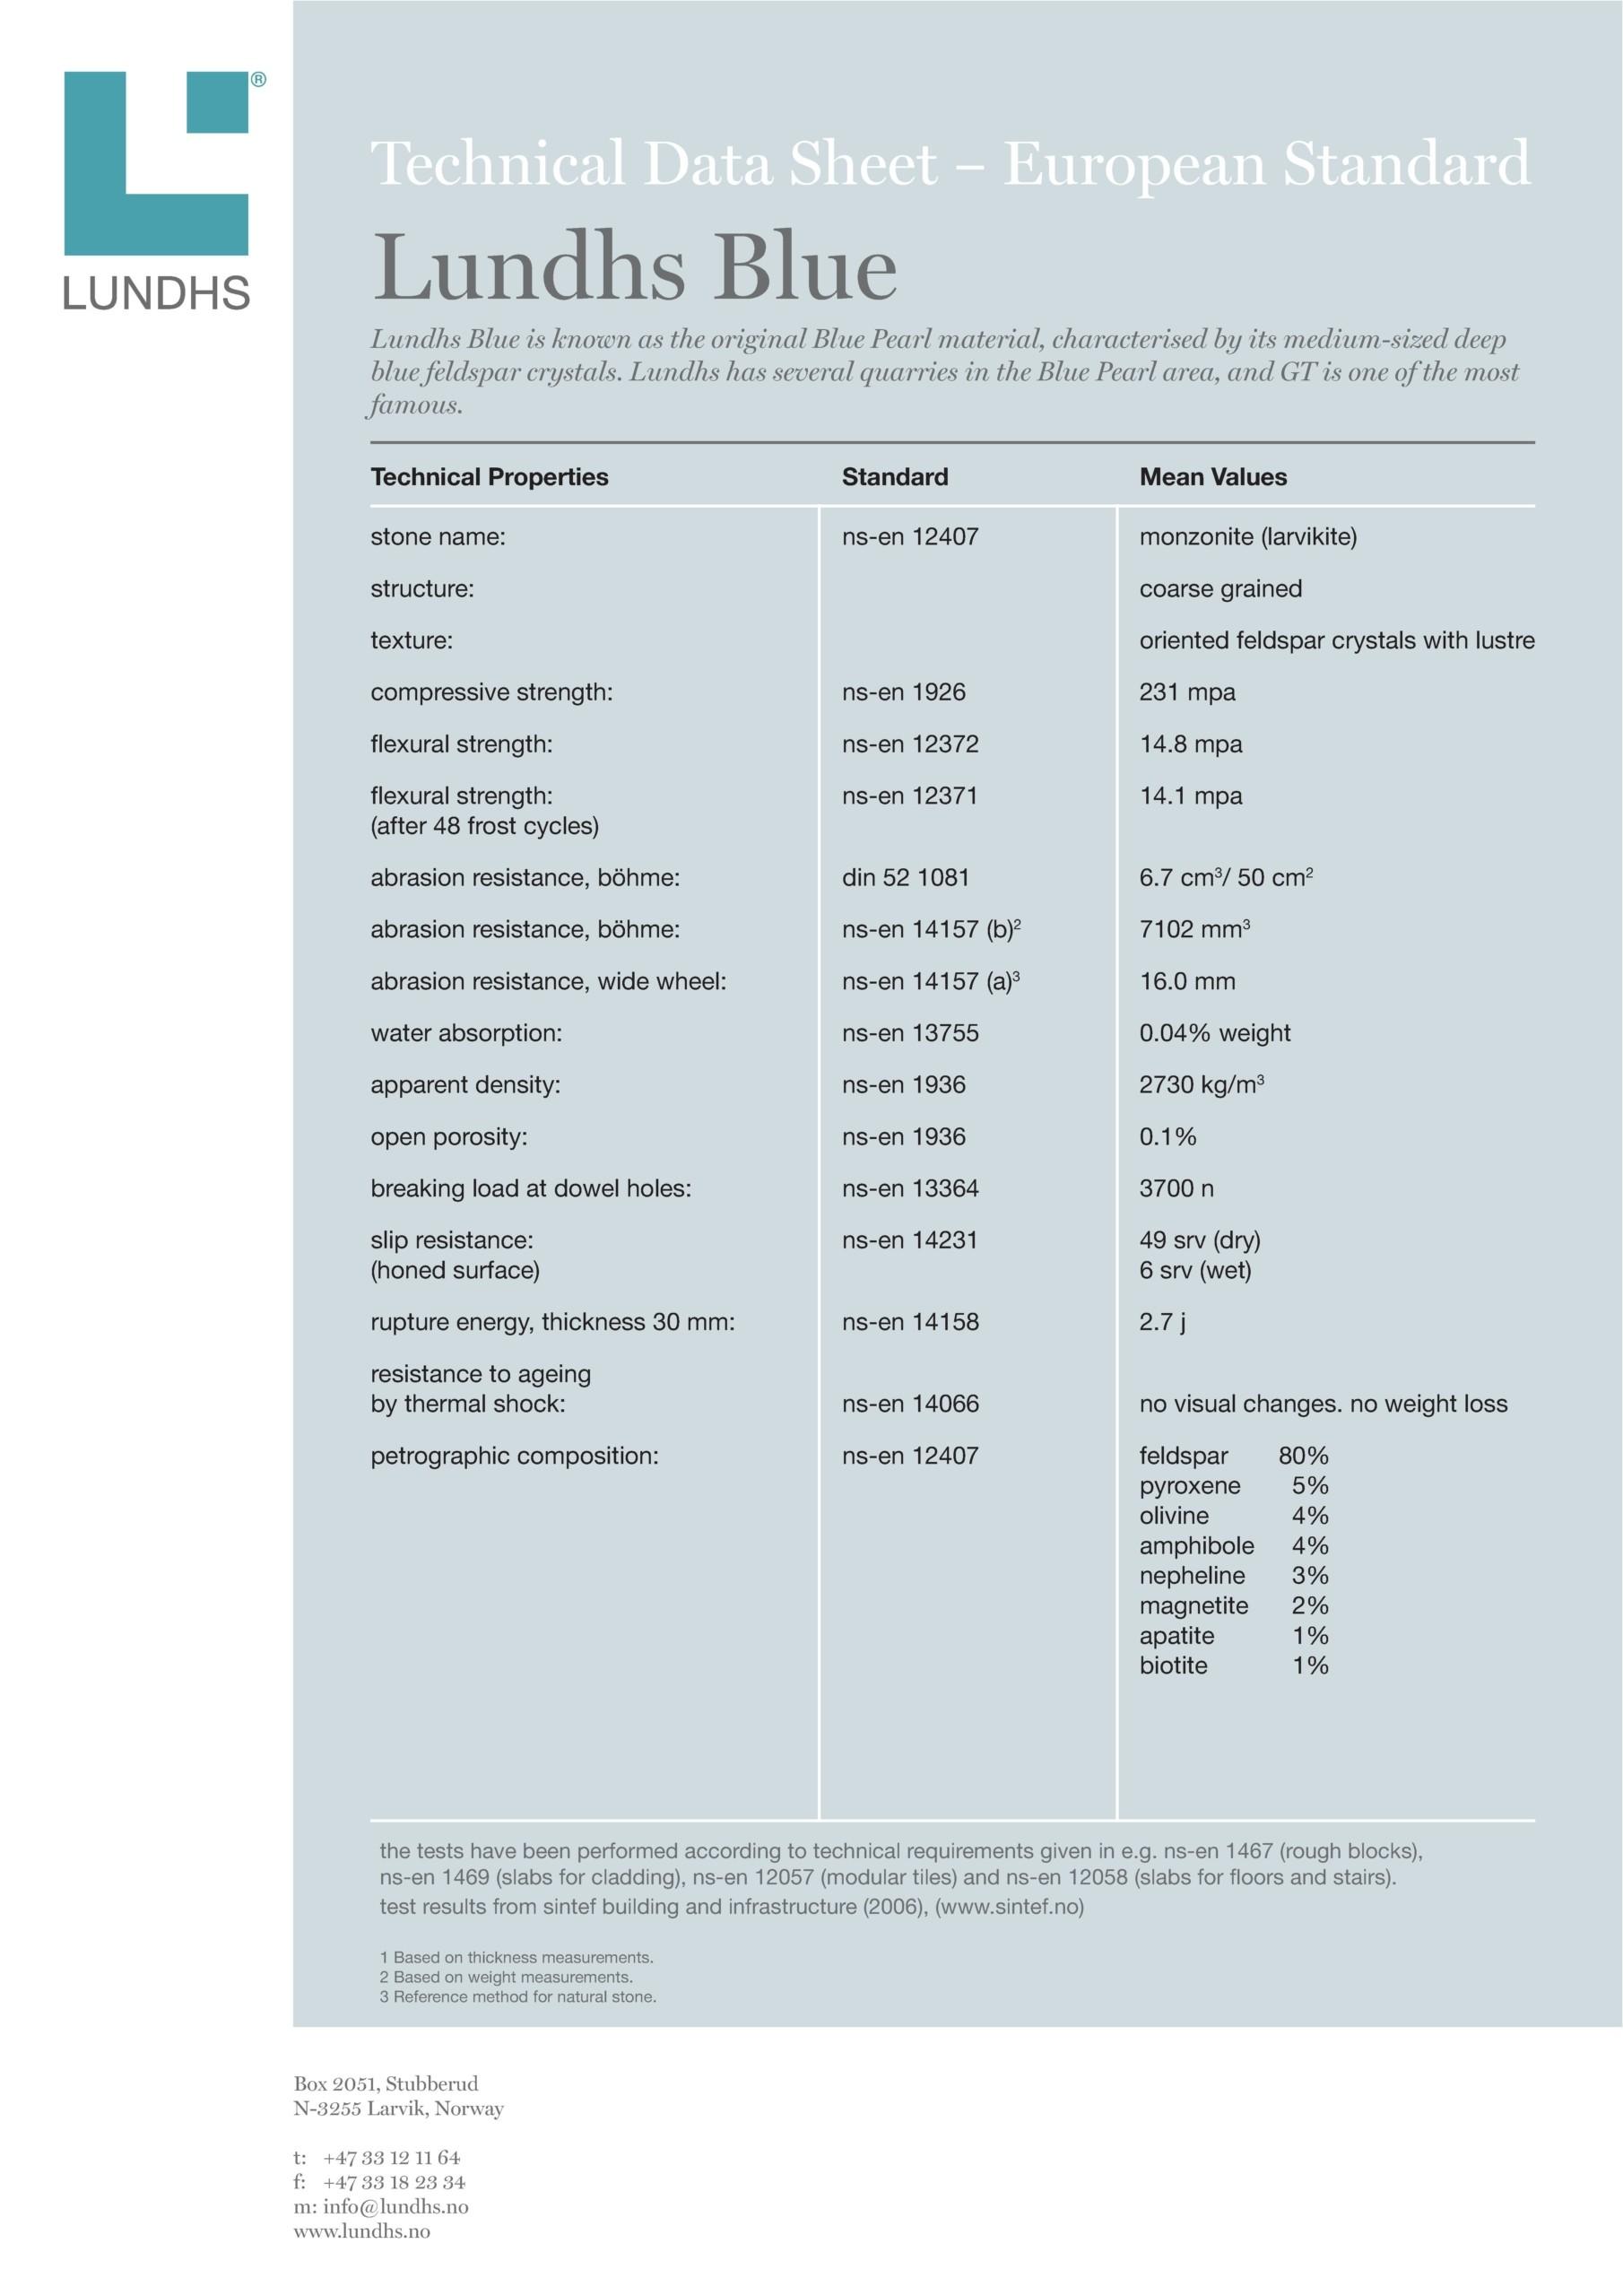 Технический паспорт Lundhs-Blue-Standard